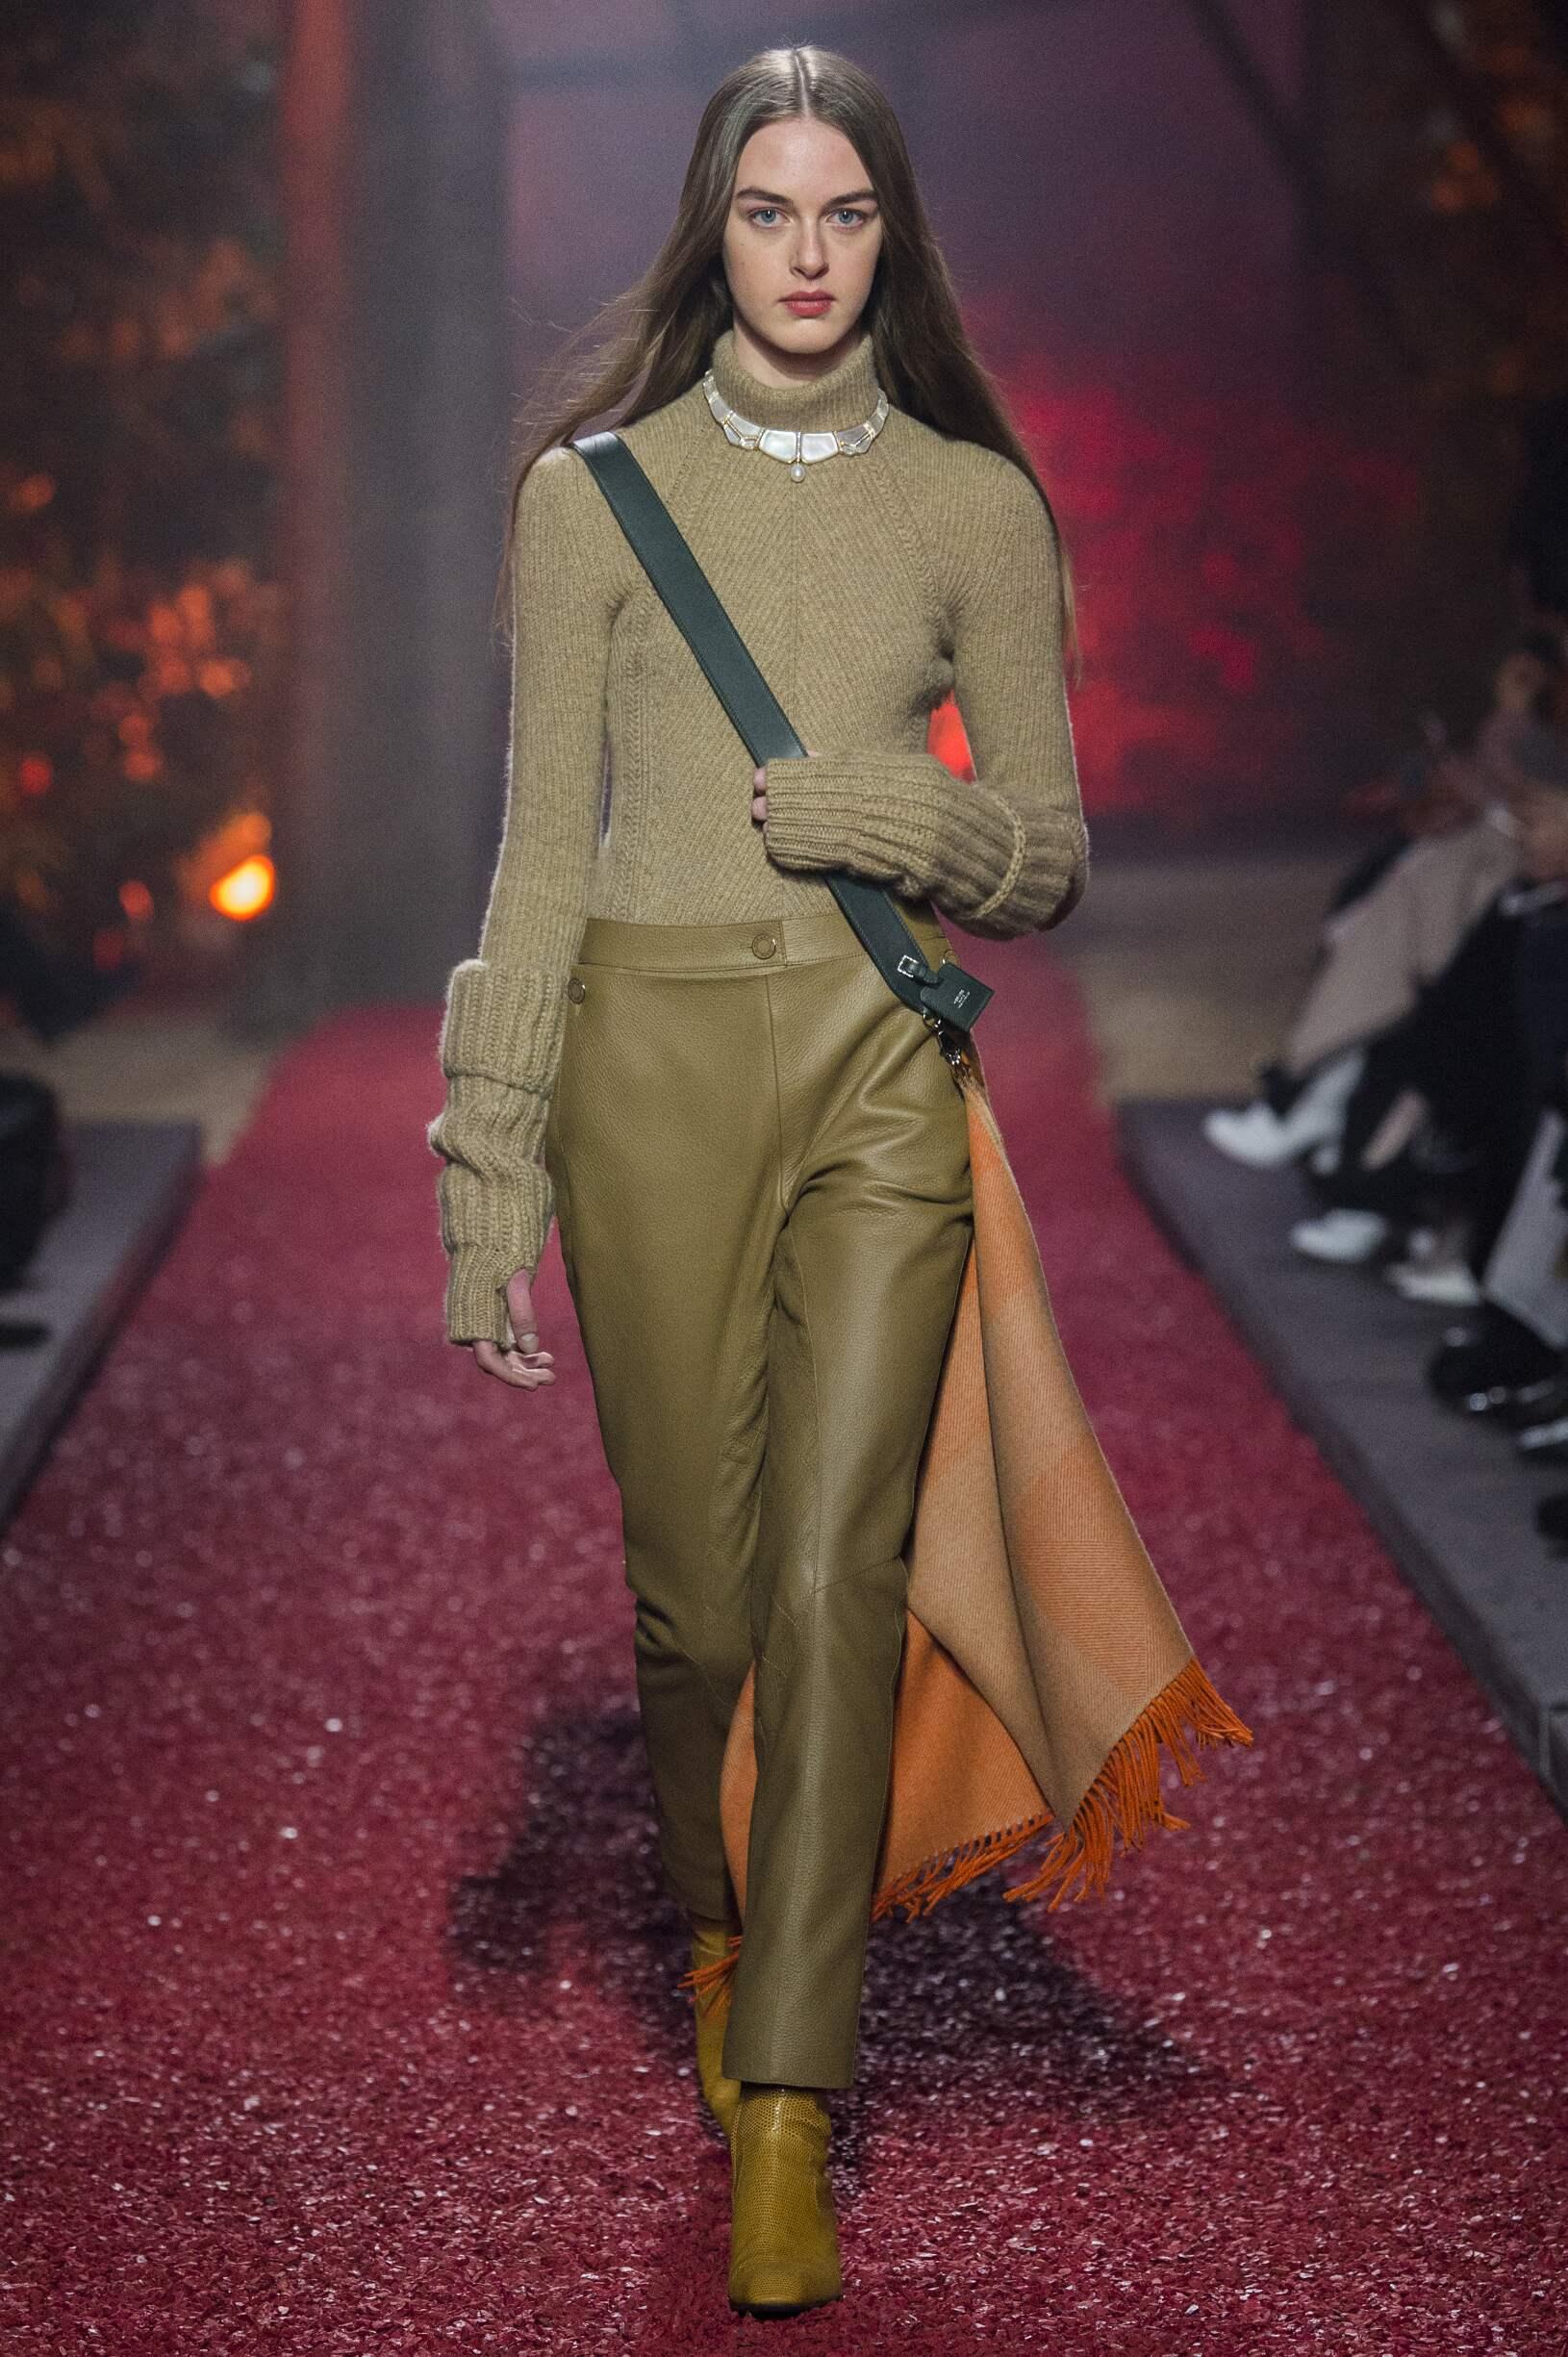 Woman FW 2018-19 Hermès Fashion Show Paris